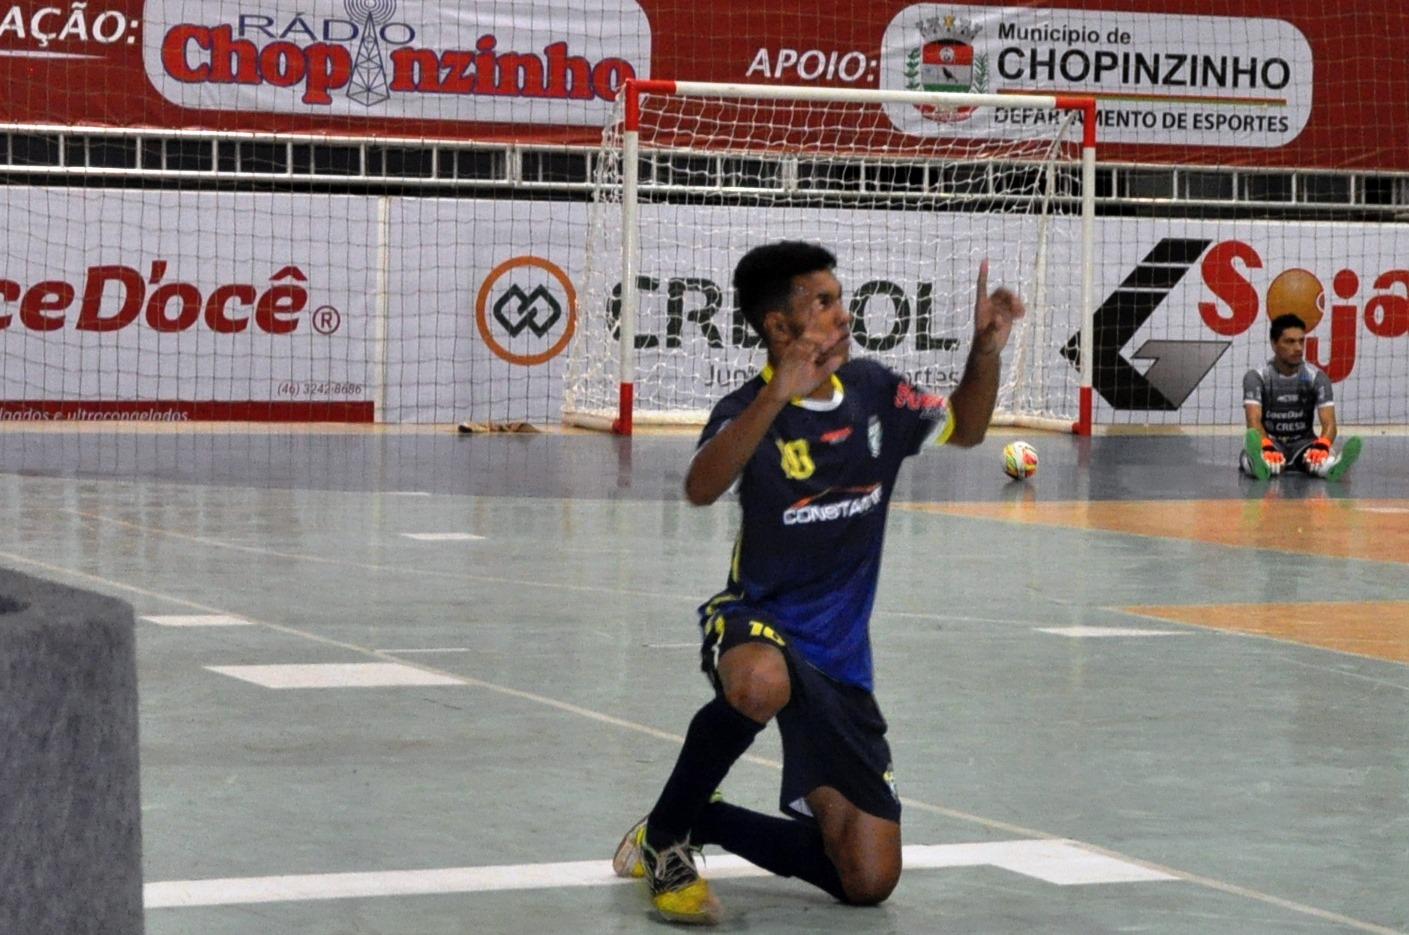 ccc9a0cd033db Mateus marcou seu primeiro gol numa partida oficial pelo time quedense após  bela jogada